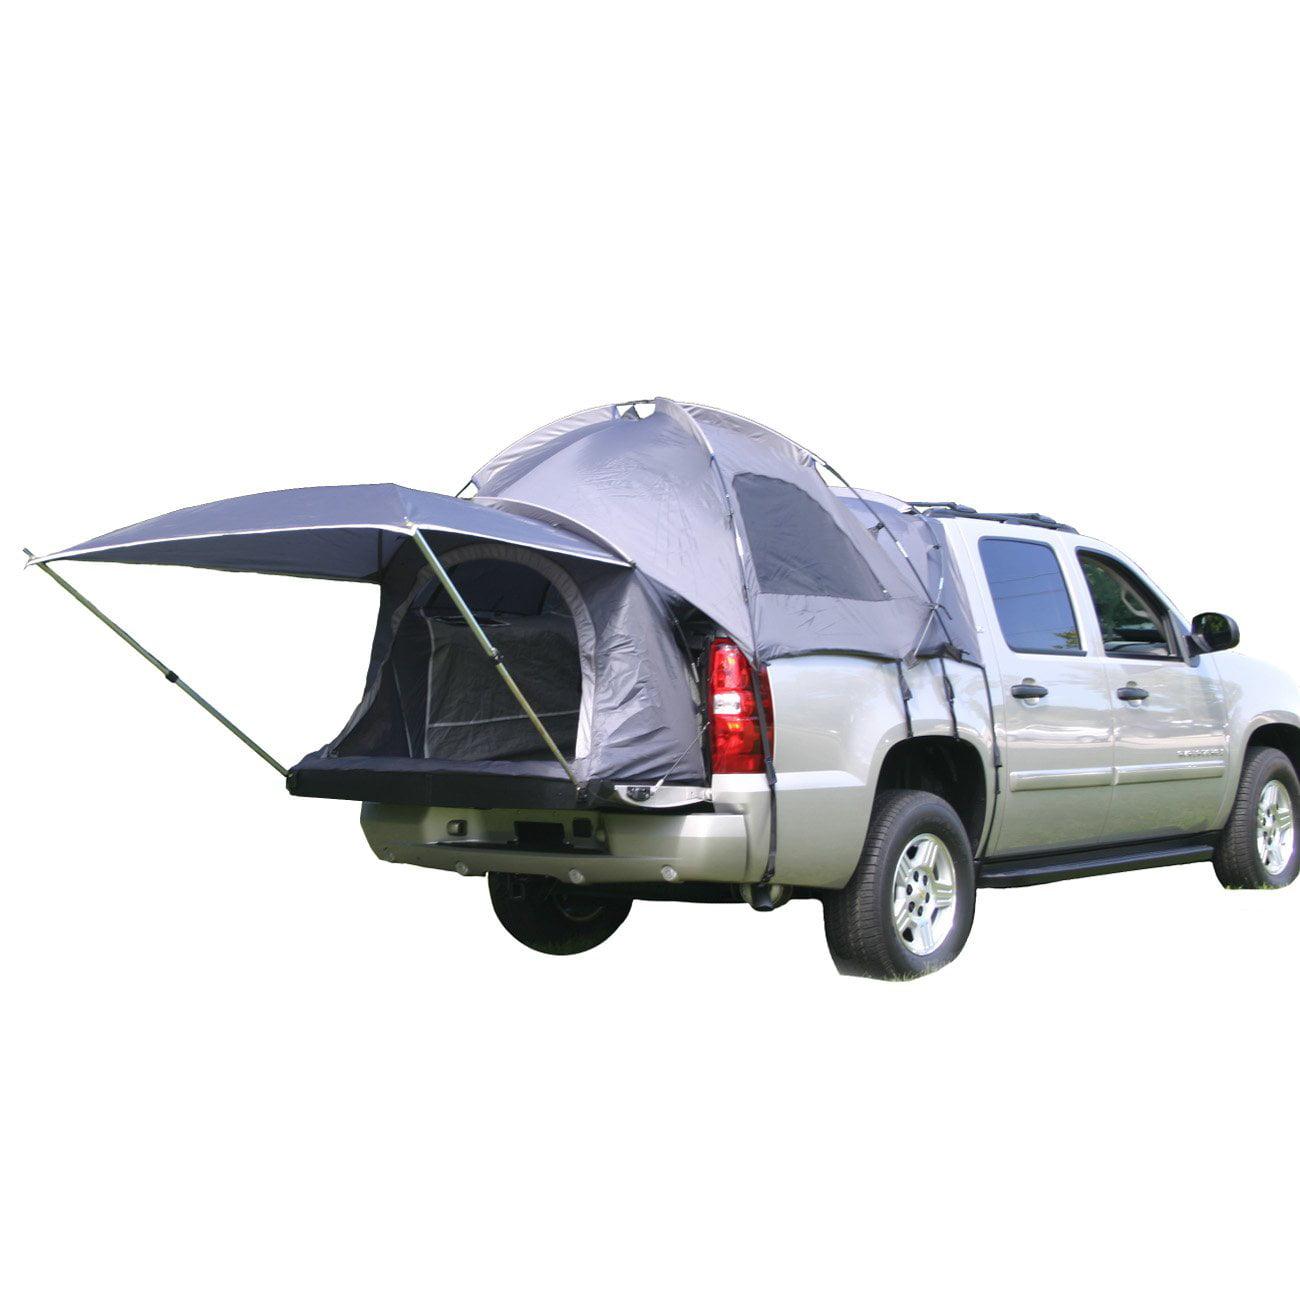 Napier Outdoors Sportz #99949 2 Person Avalanche Truck Tent 5.6 ft. by Napier Enterprises